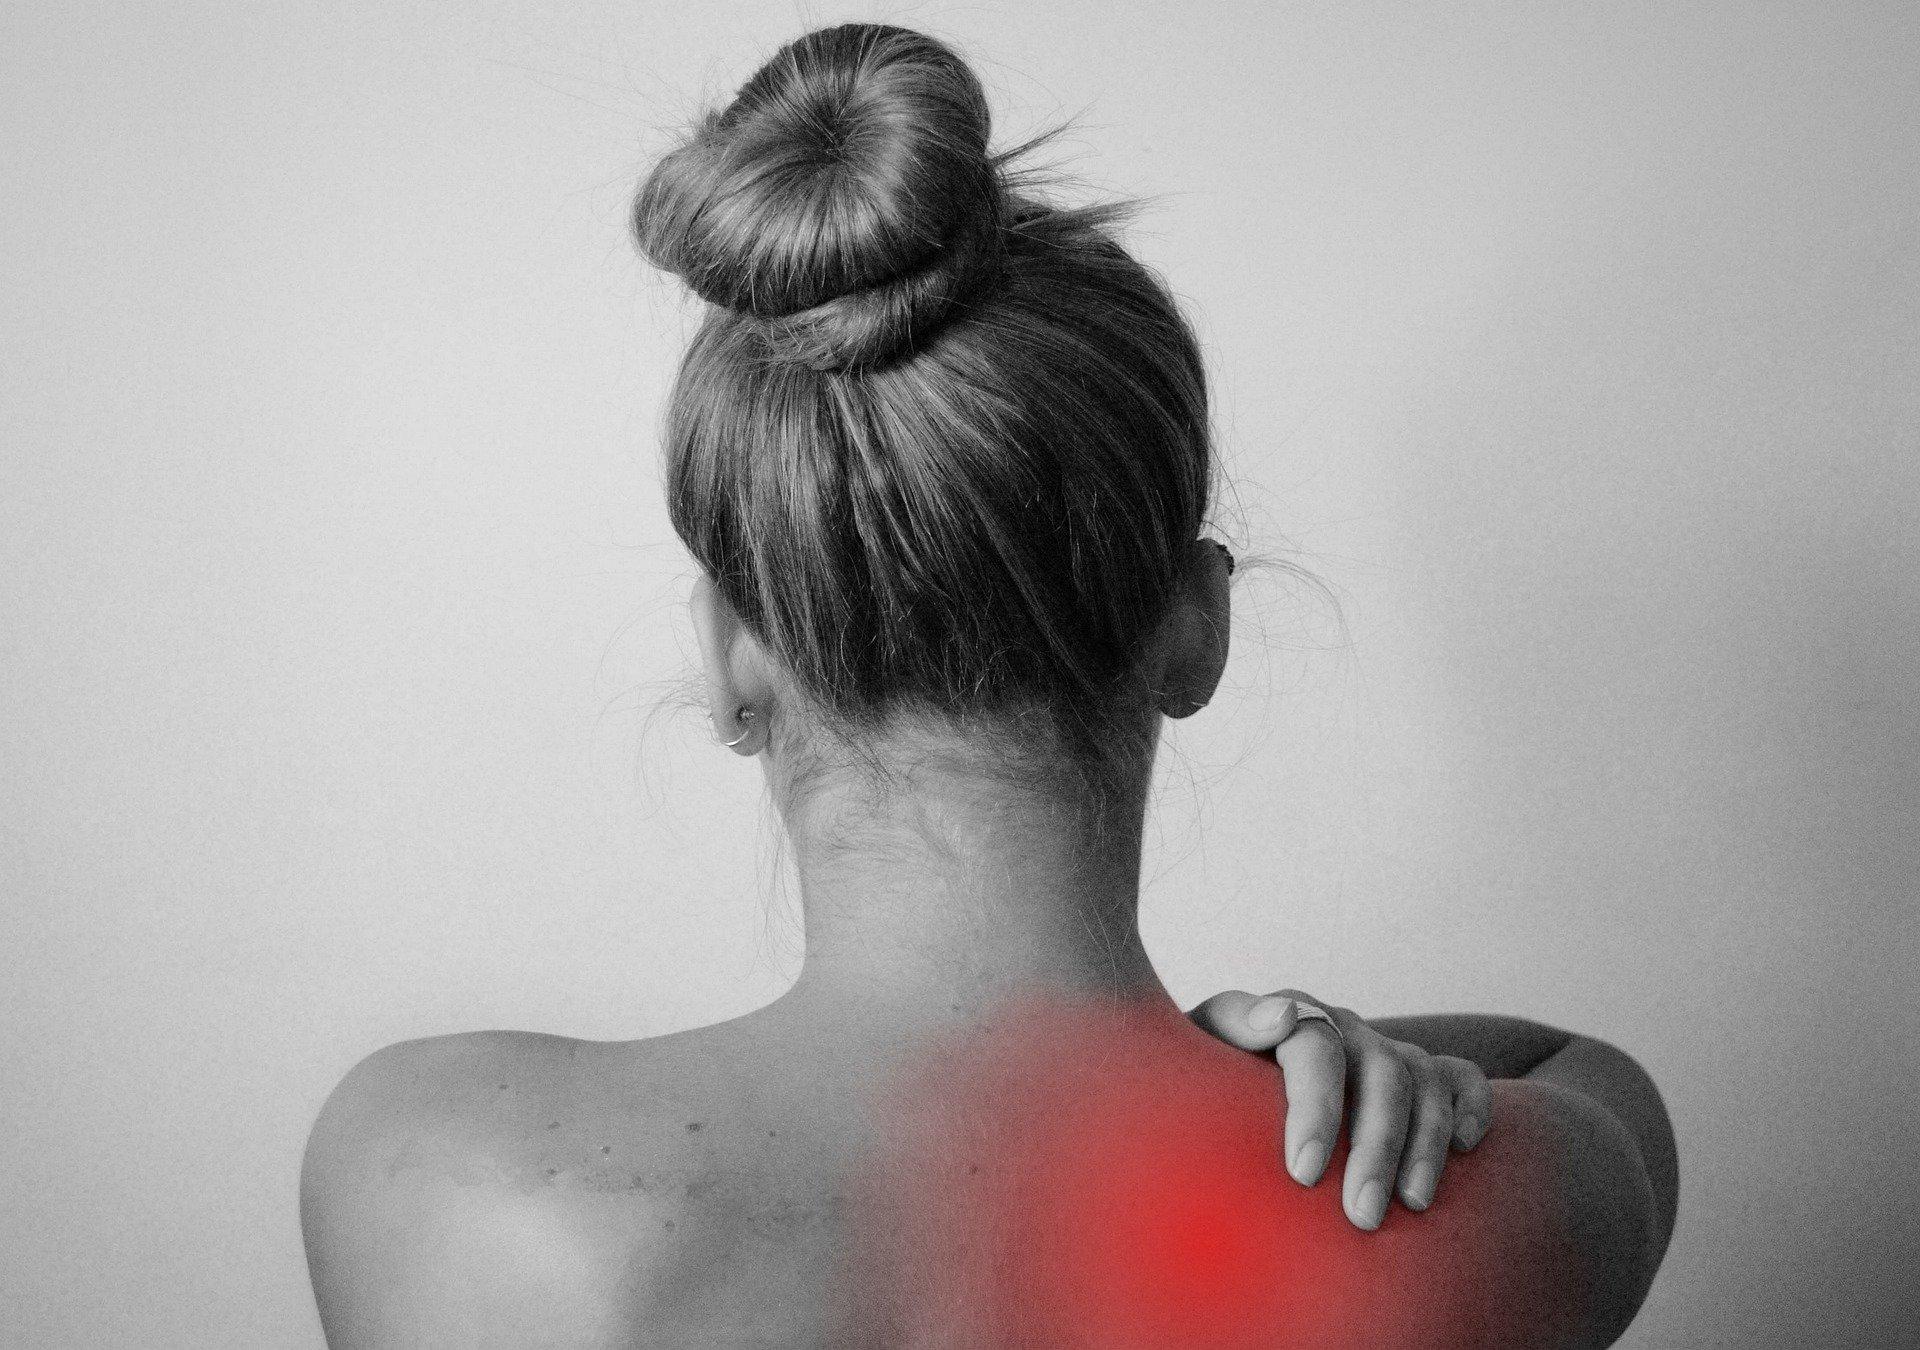 Cum scapi de durerile de spate si articulatii in 30 de zile